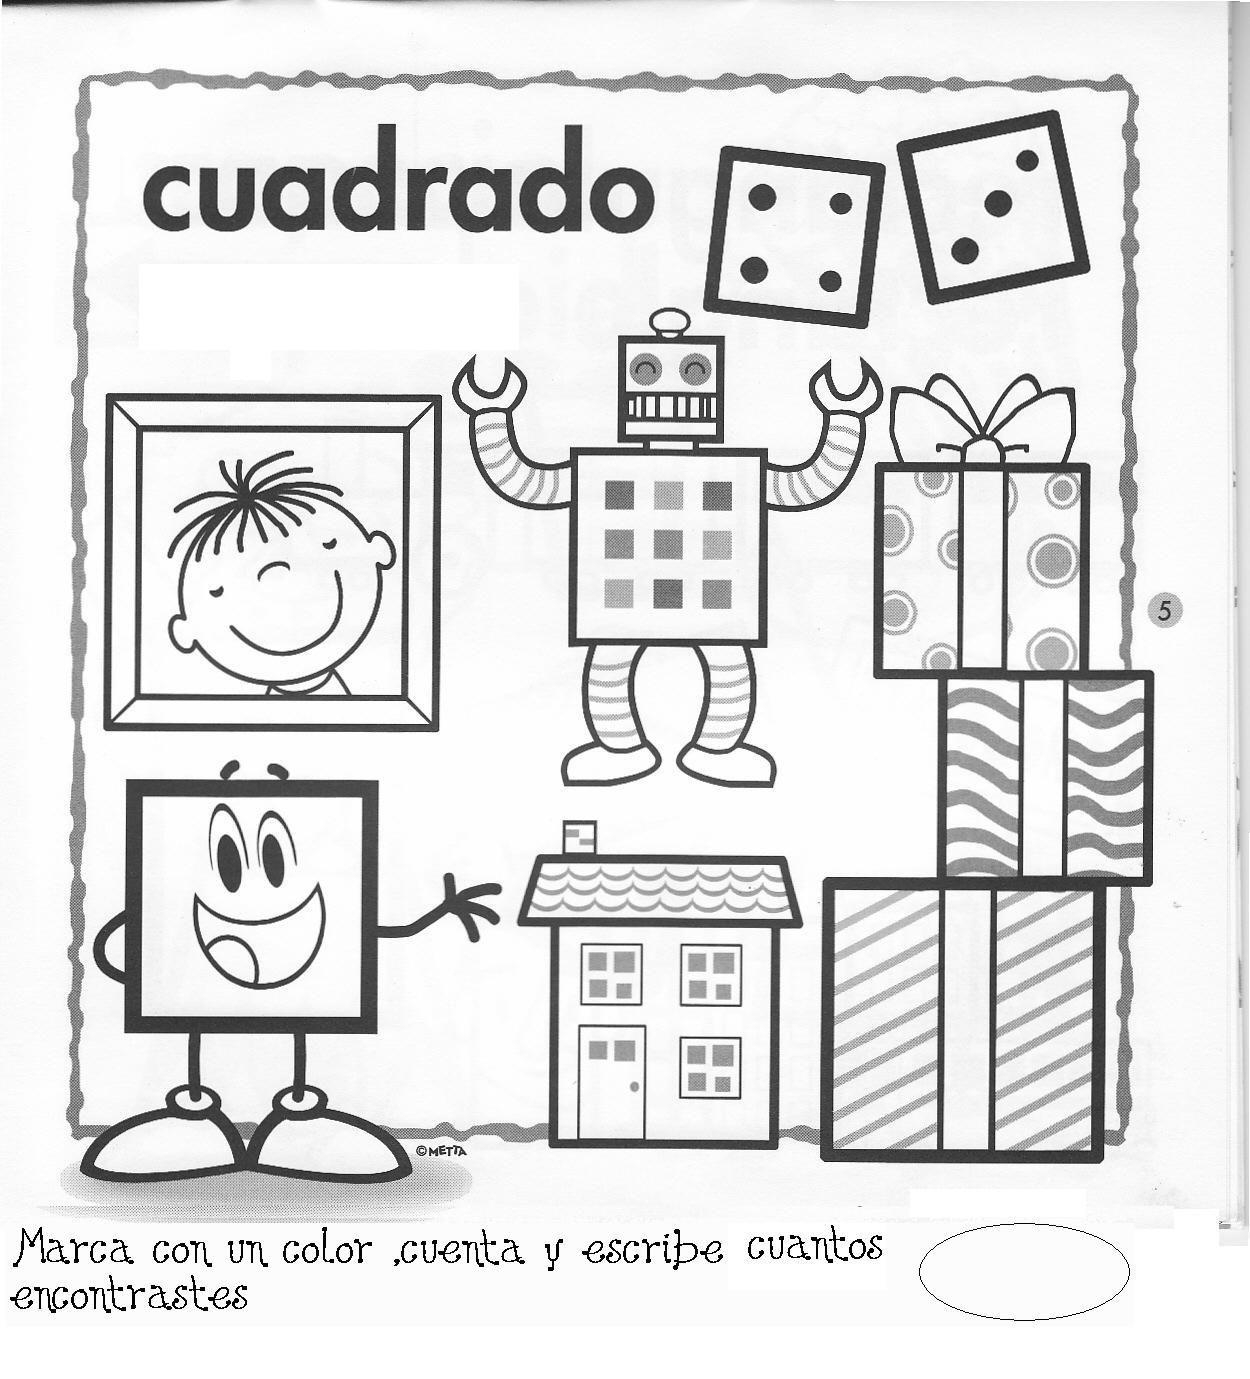 Fichas figuras geometricas | FICHAS PARA PINTAR | DIBUJOS PARA ...